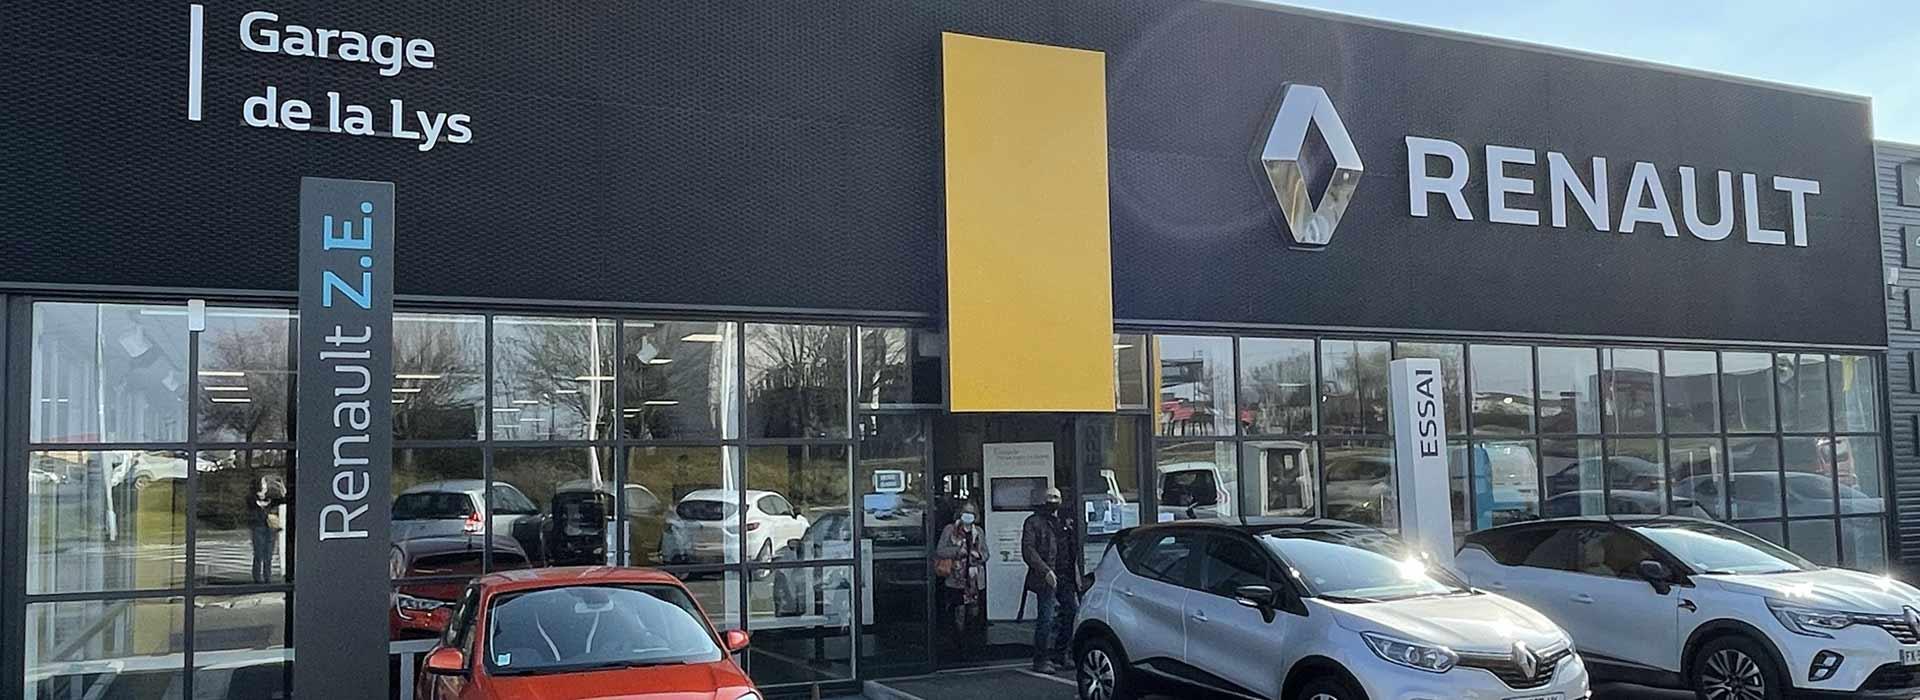 Renault englos concessionnaire garage nord 59 - Garage renault ivry sur seine ...